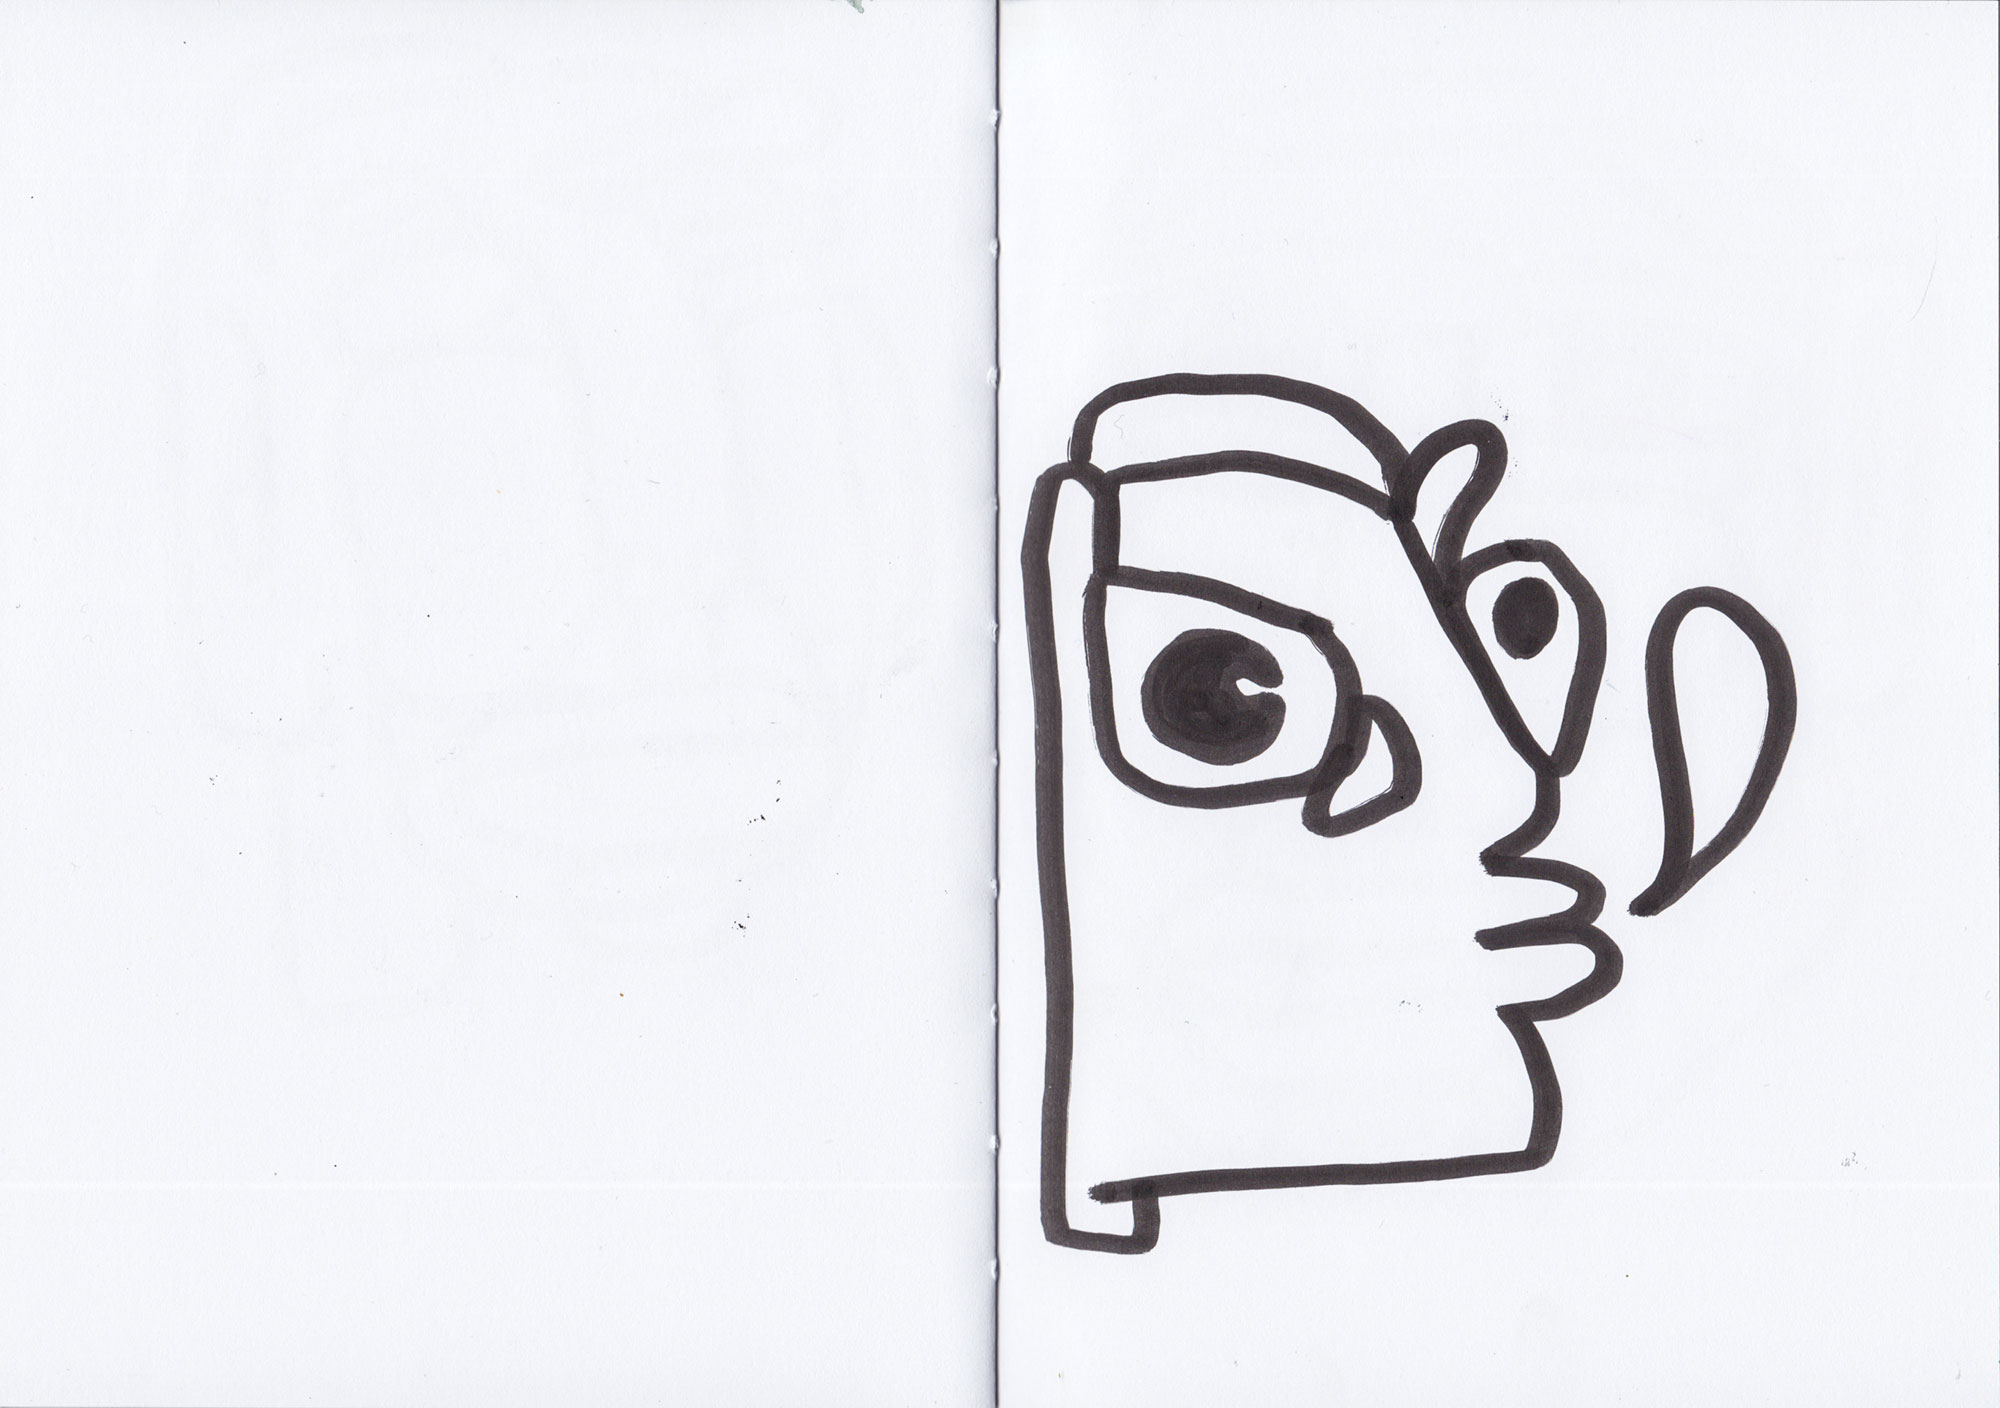 18-Scan-Book-FACES-DA-14